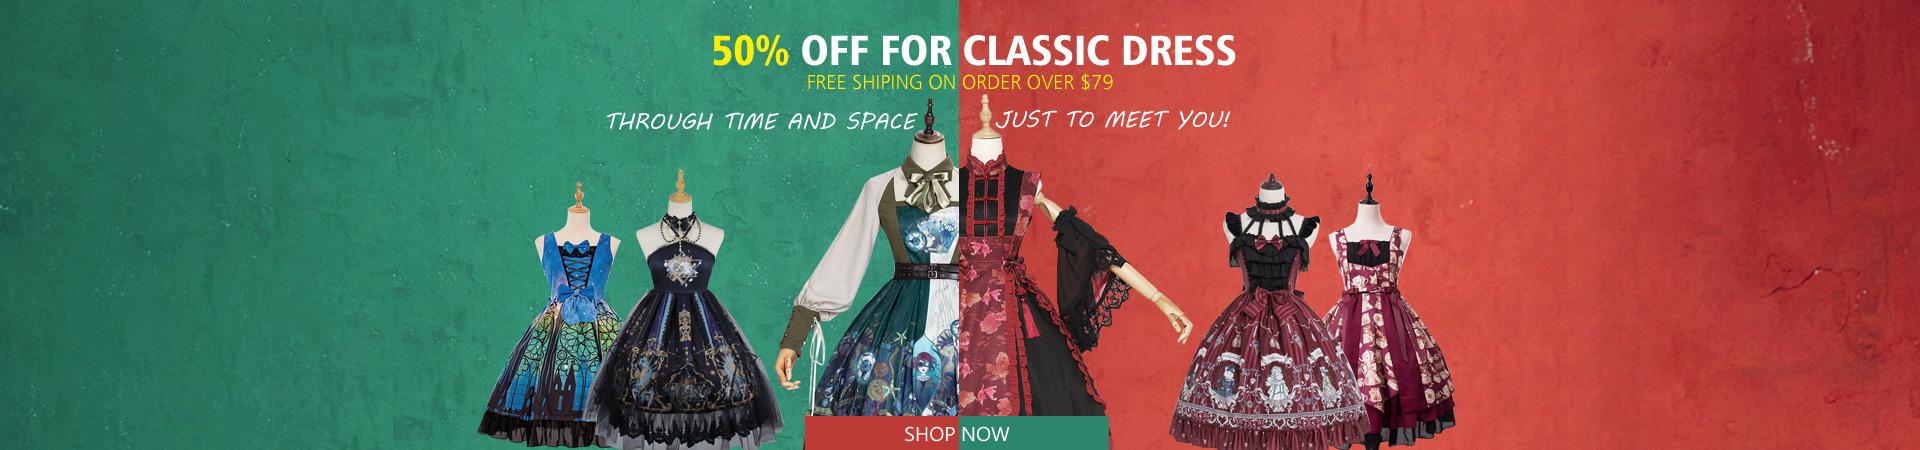 CLASSIC DRESSES SALE